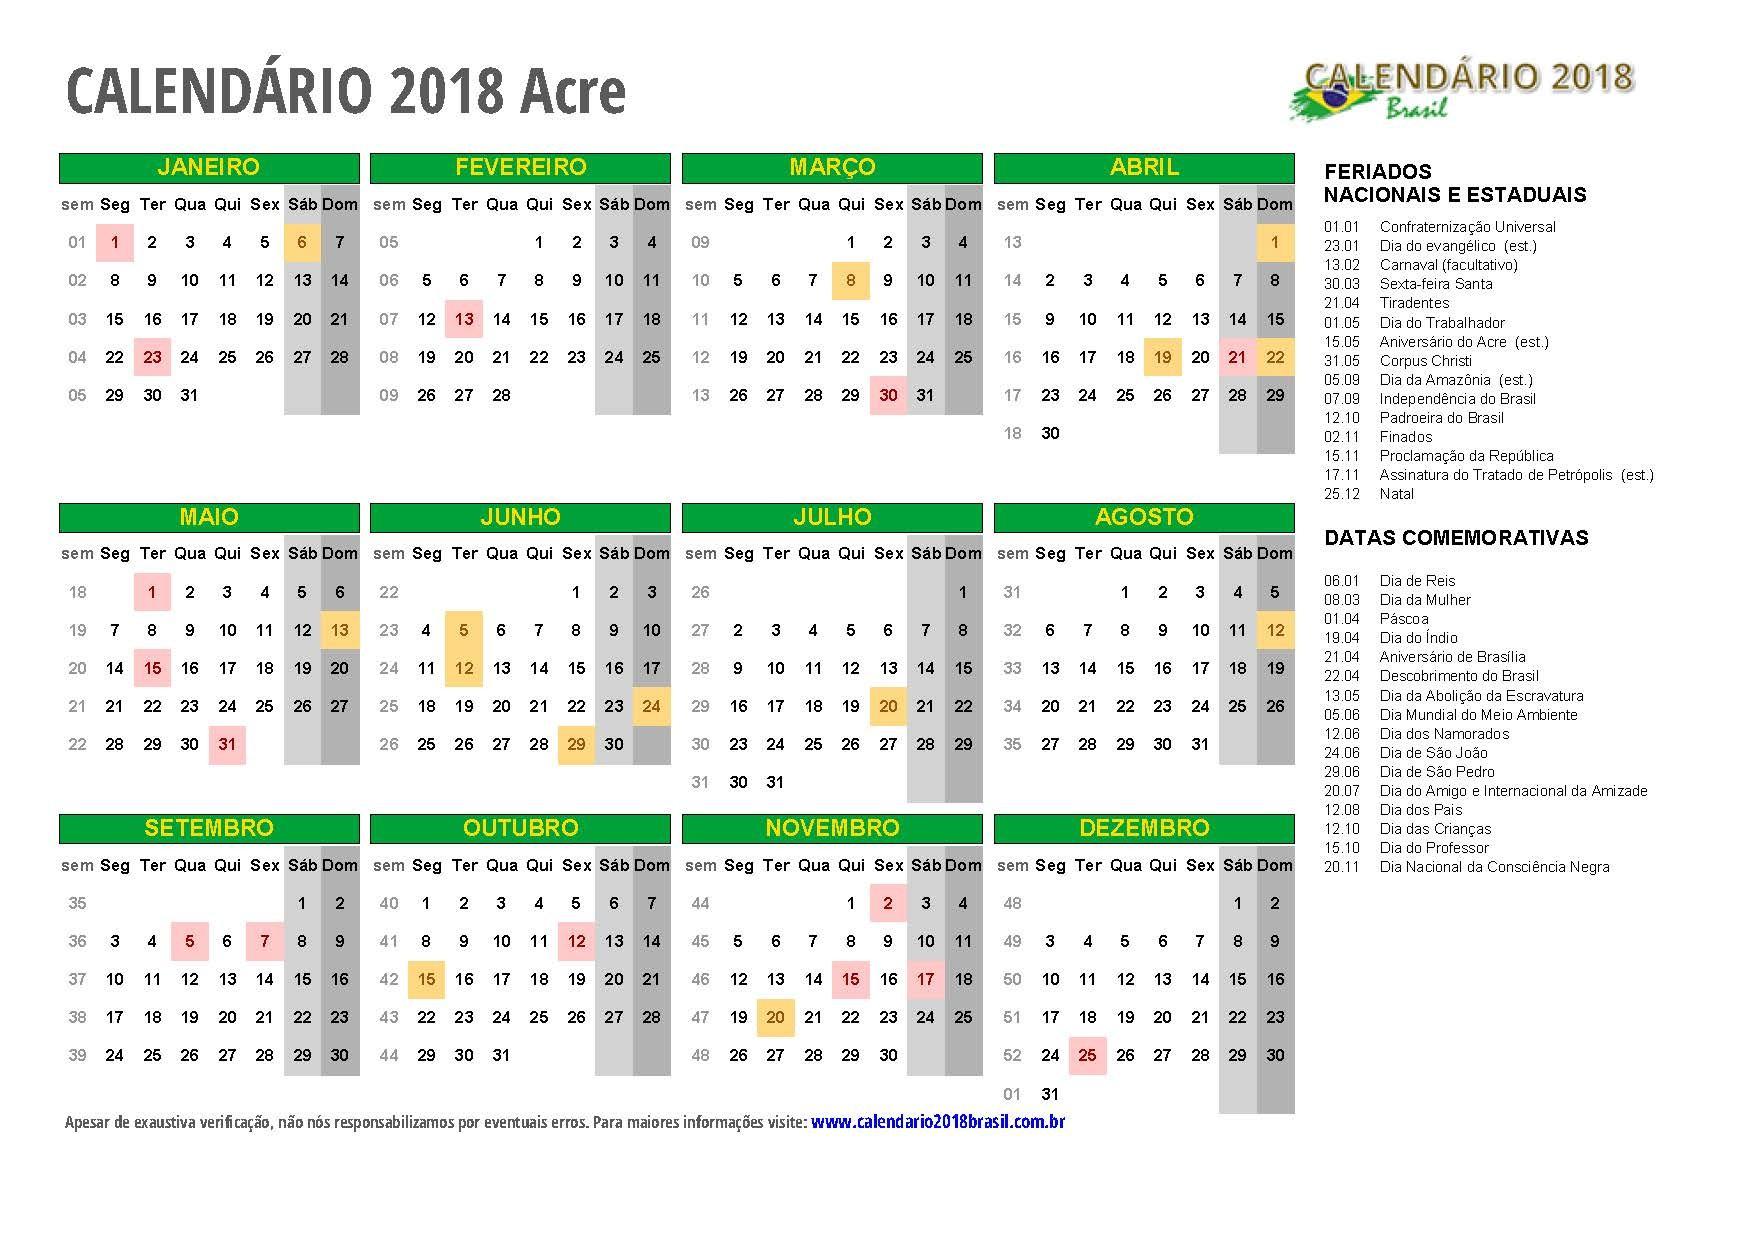 Formato De Calendario 2017 Para Imprimir Más Actual Calendrio 2018 Para Imprimir Feriados Of Formato De Calendario 2017 Para Imprimir Actual Calendario 2017 2018 Para Imprimir